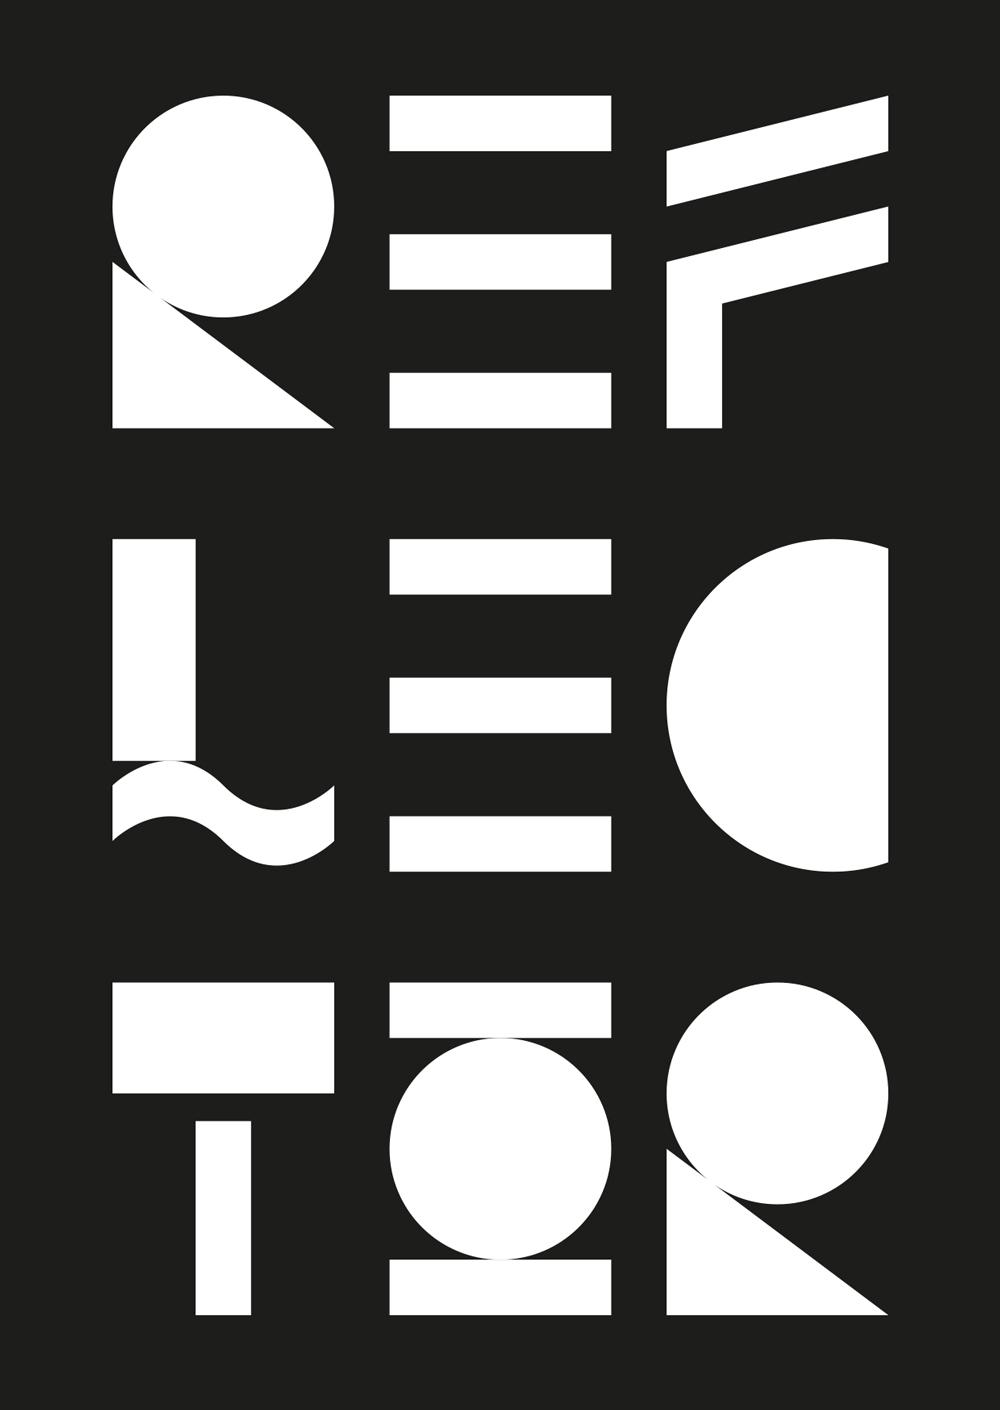 Exhibition invitation design by Edi Danartono.